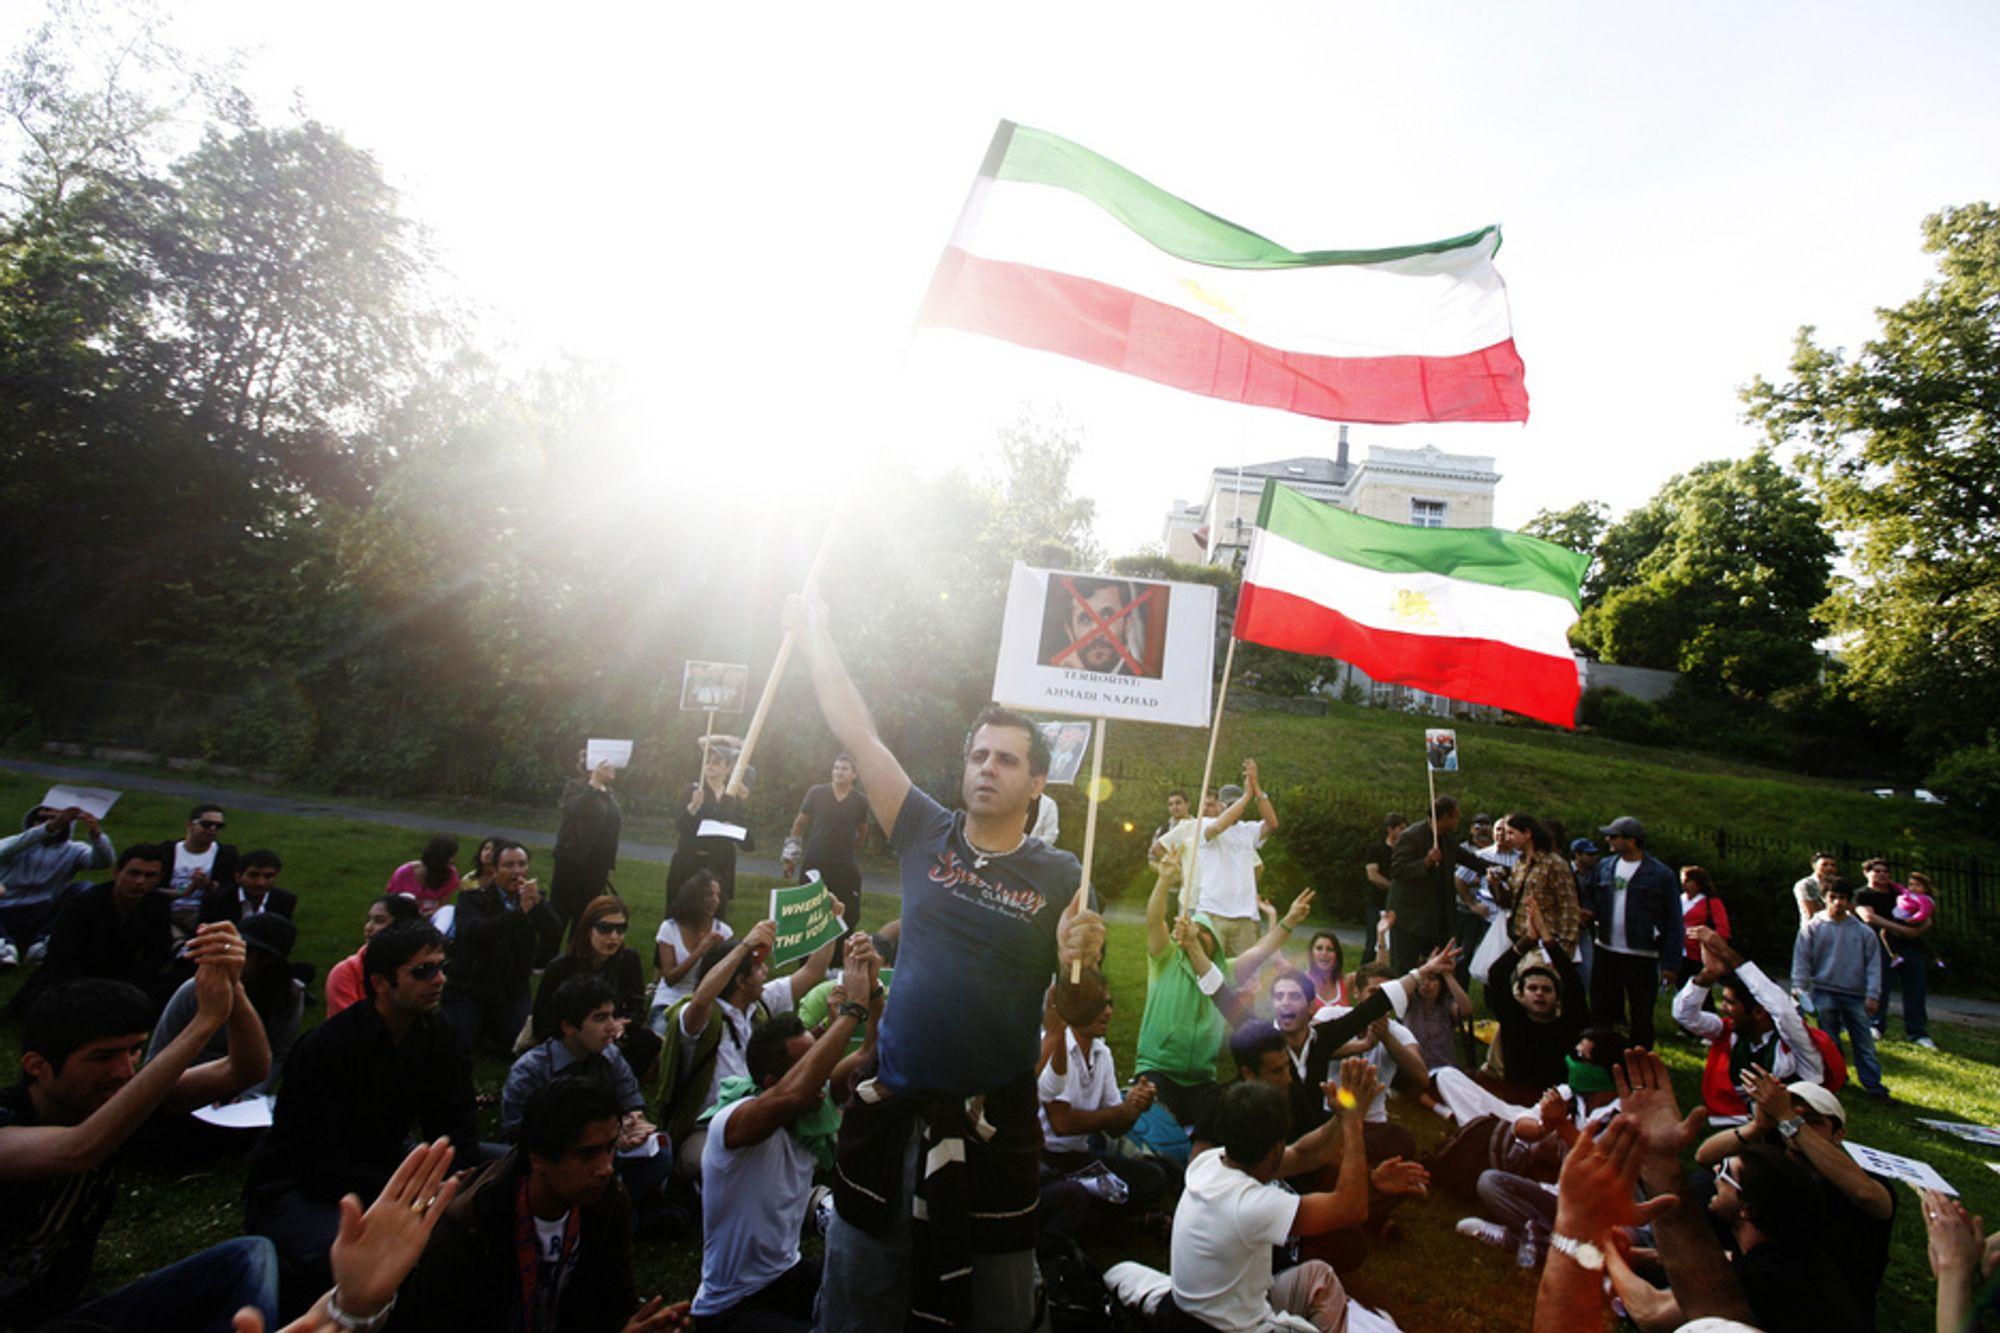 Demonstranter i Oslo protesterer mot valgresultatet i Iran tidligere denne måneden. Nå ber Electronic Frontier Foundation om nettstøtte til aktivister i Iran.